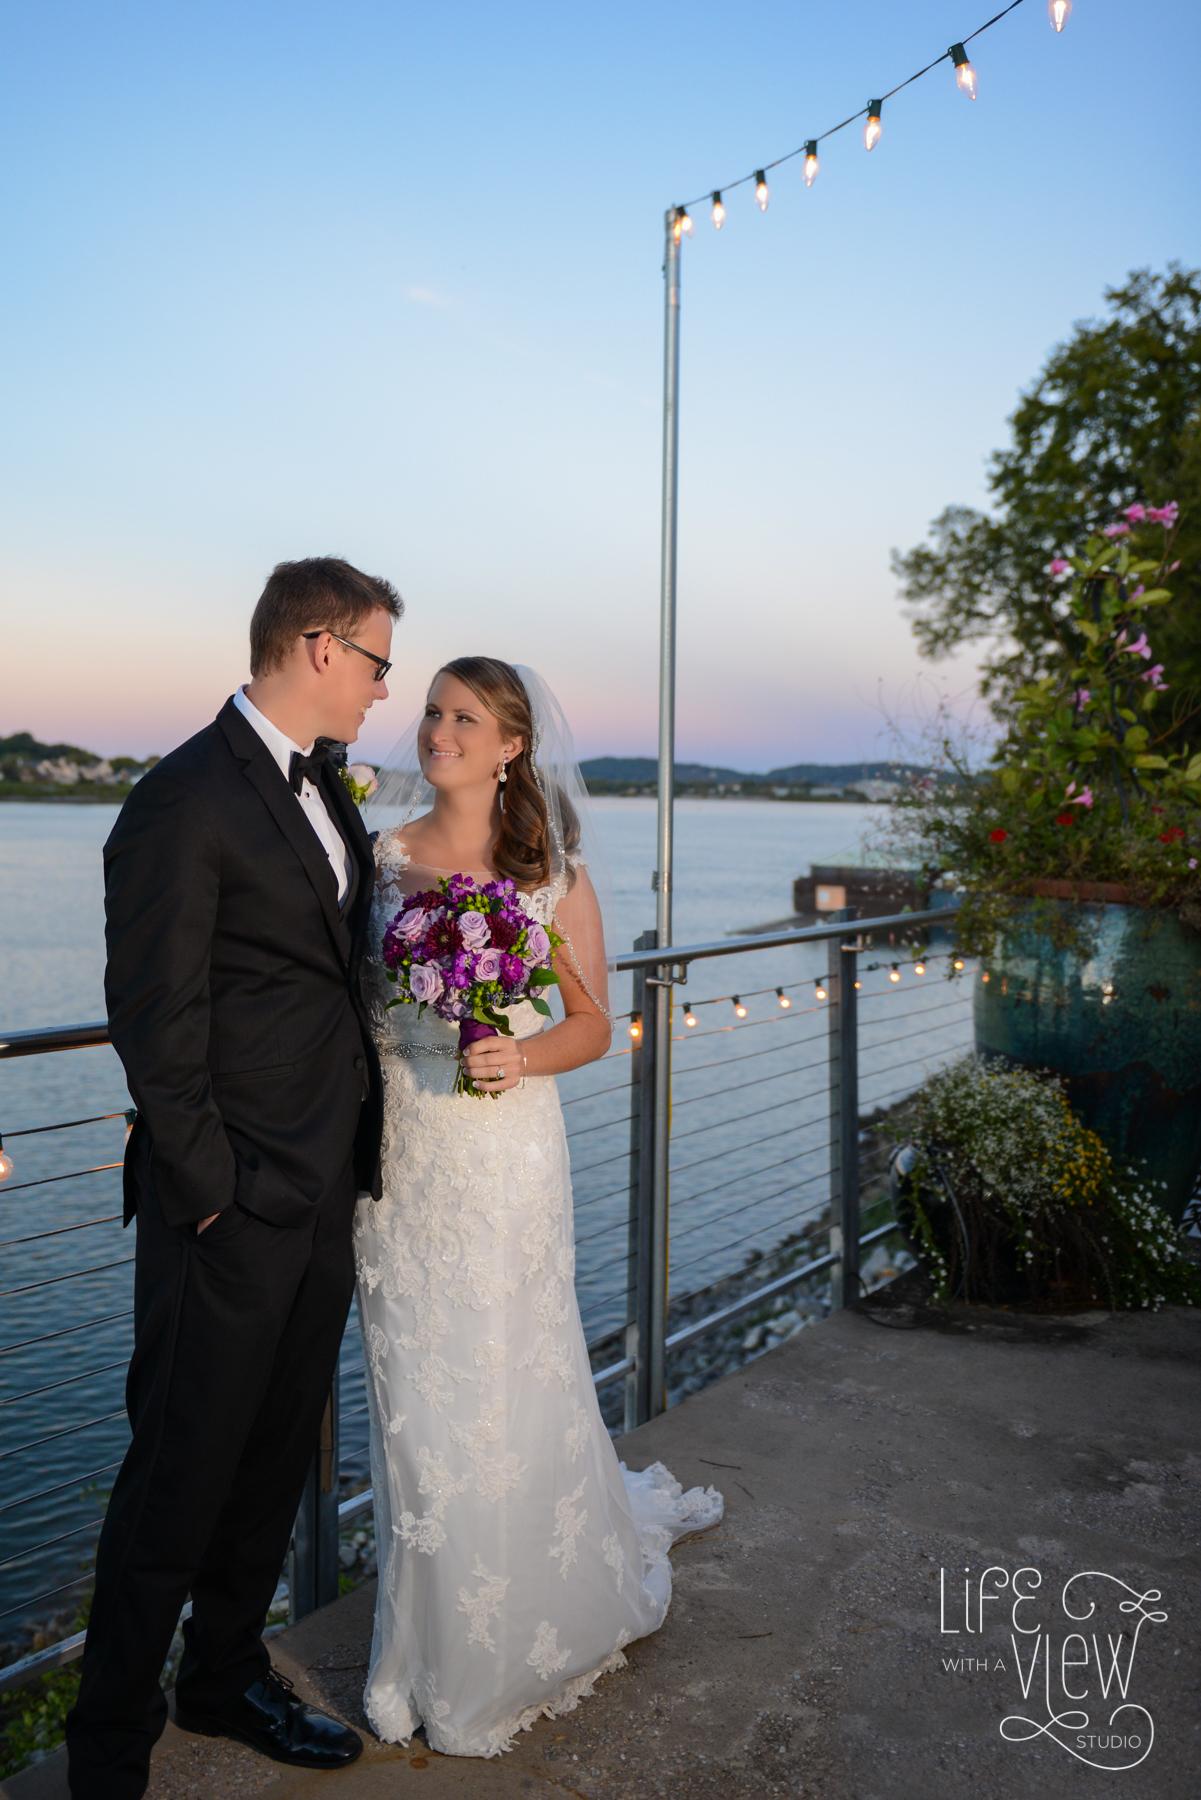 Manker-Patten-Wedding-85.jpg